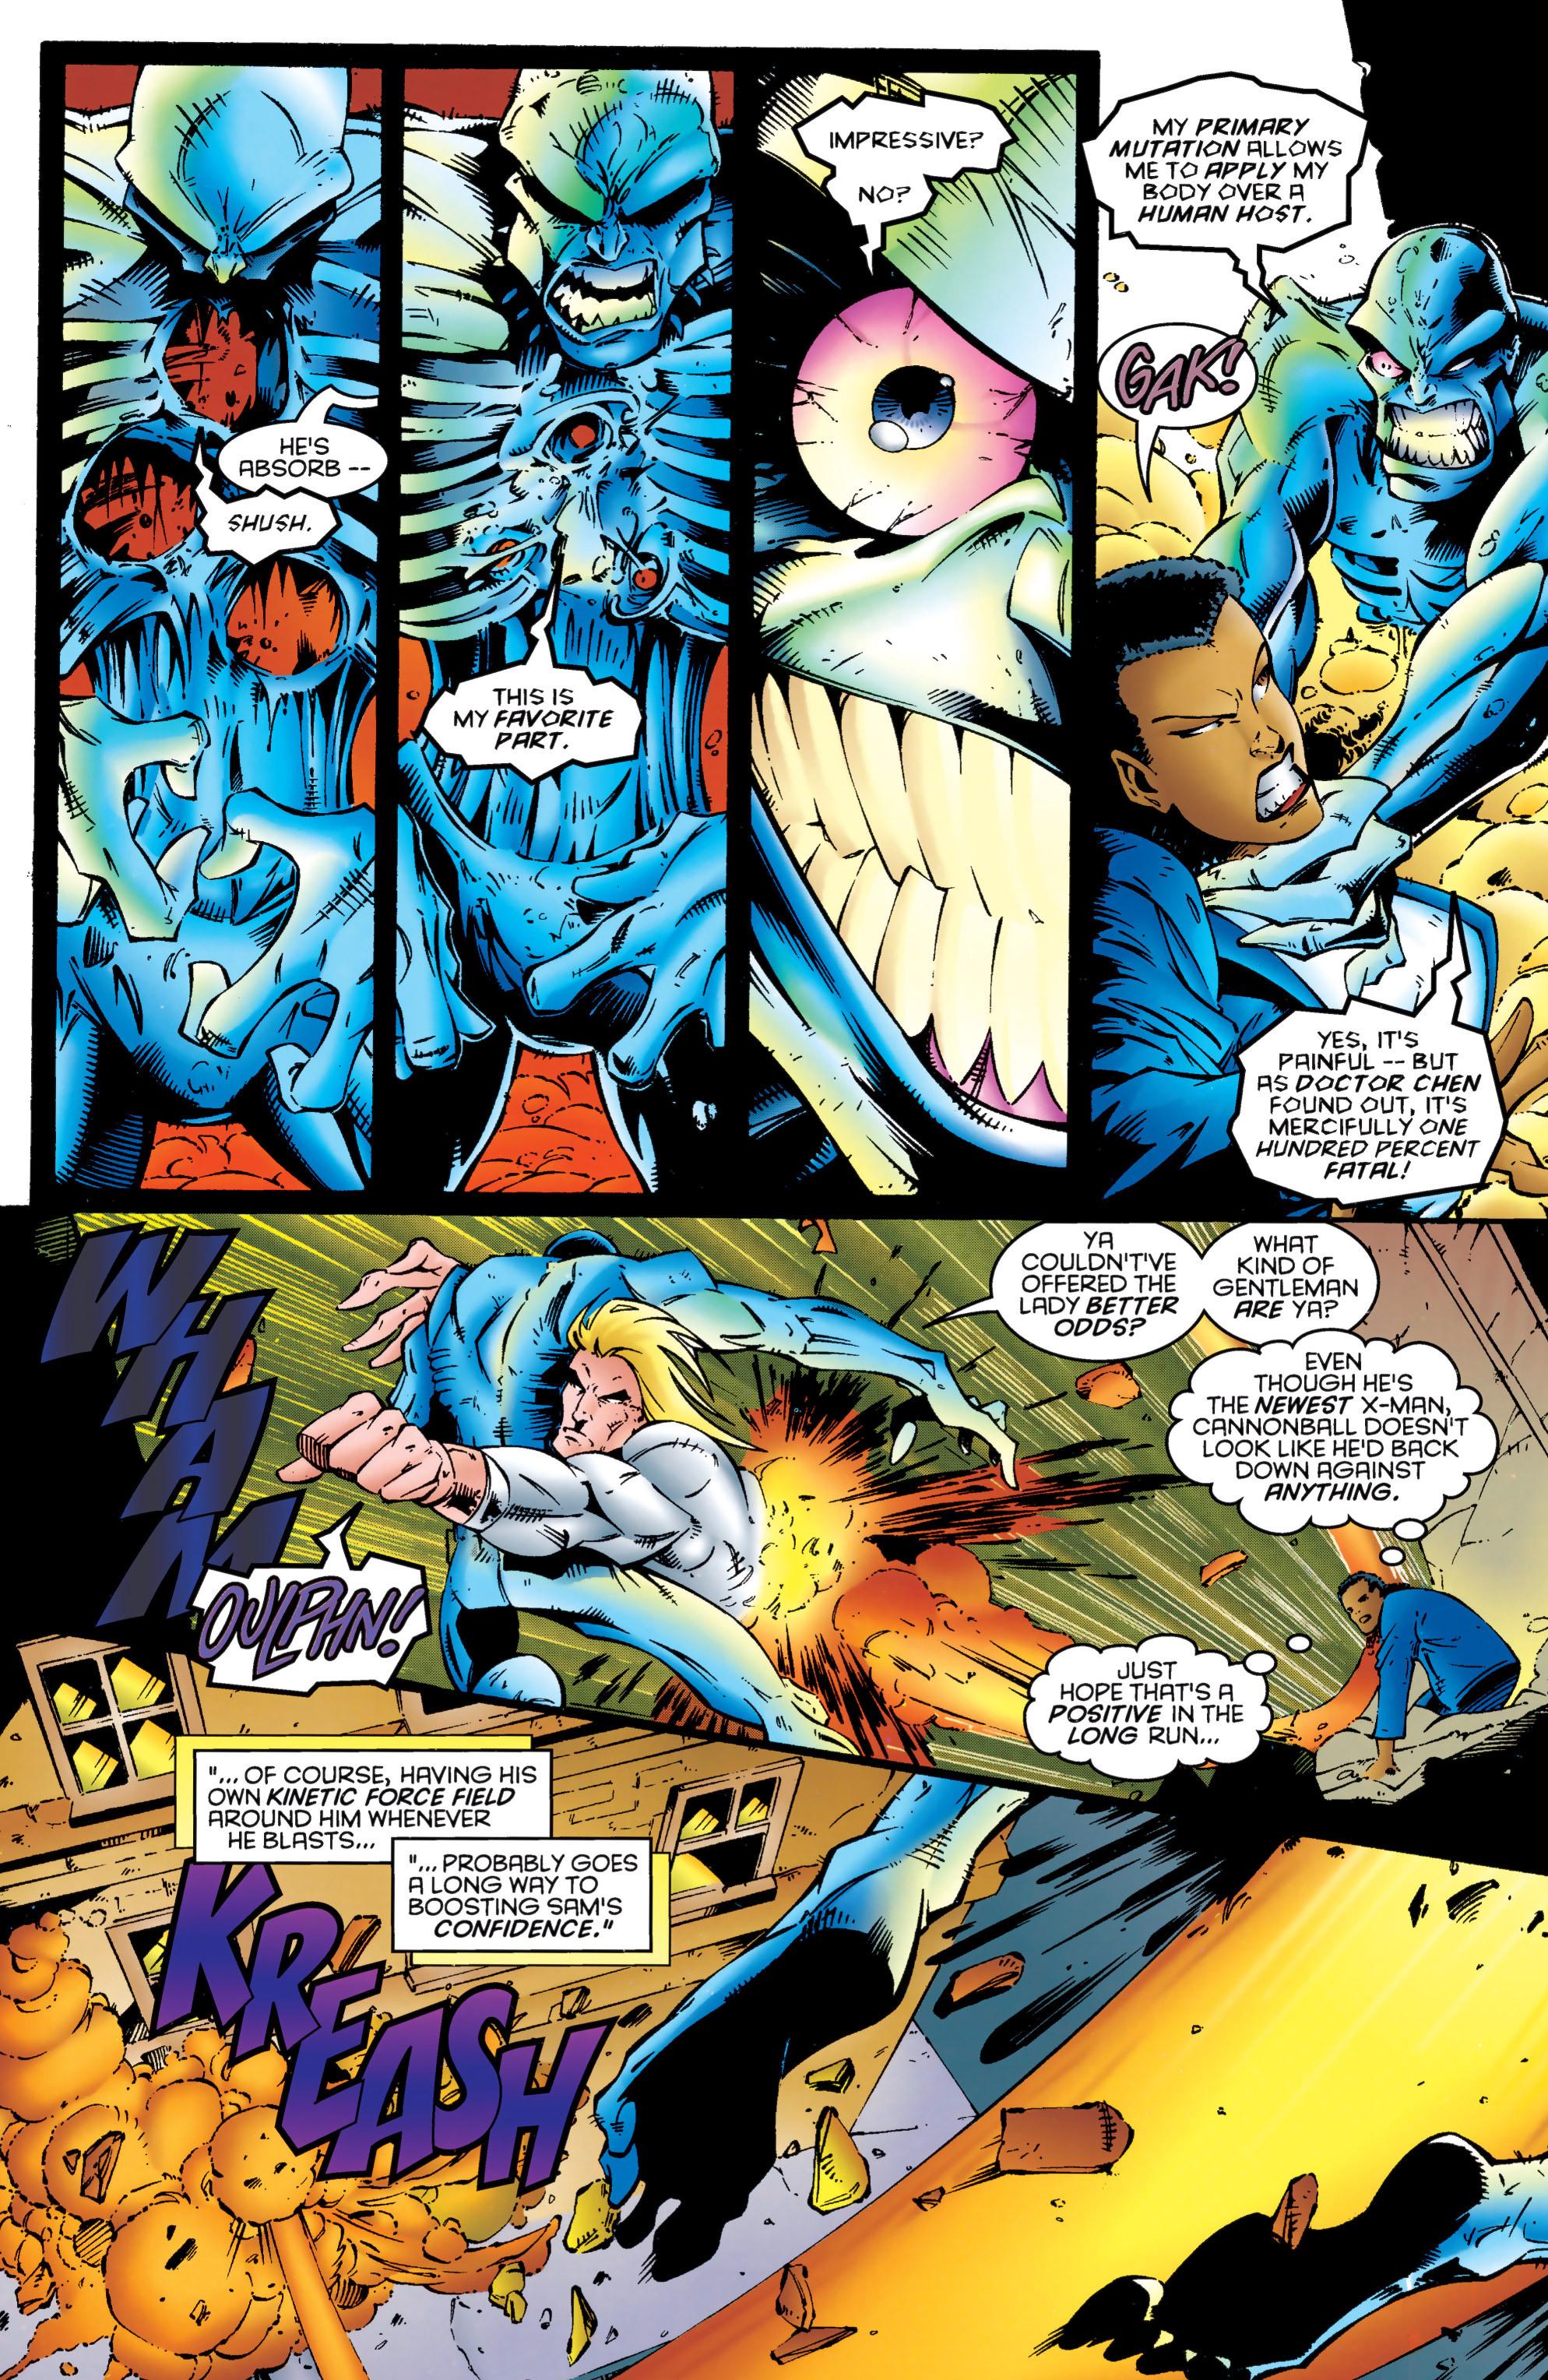 Read online Uncanny X-Men (1963) comic -  Issue #324 - 8